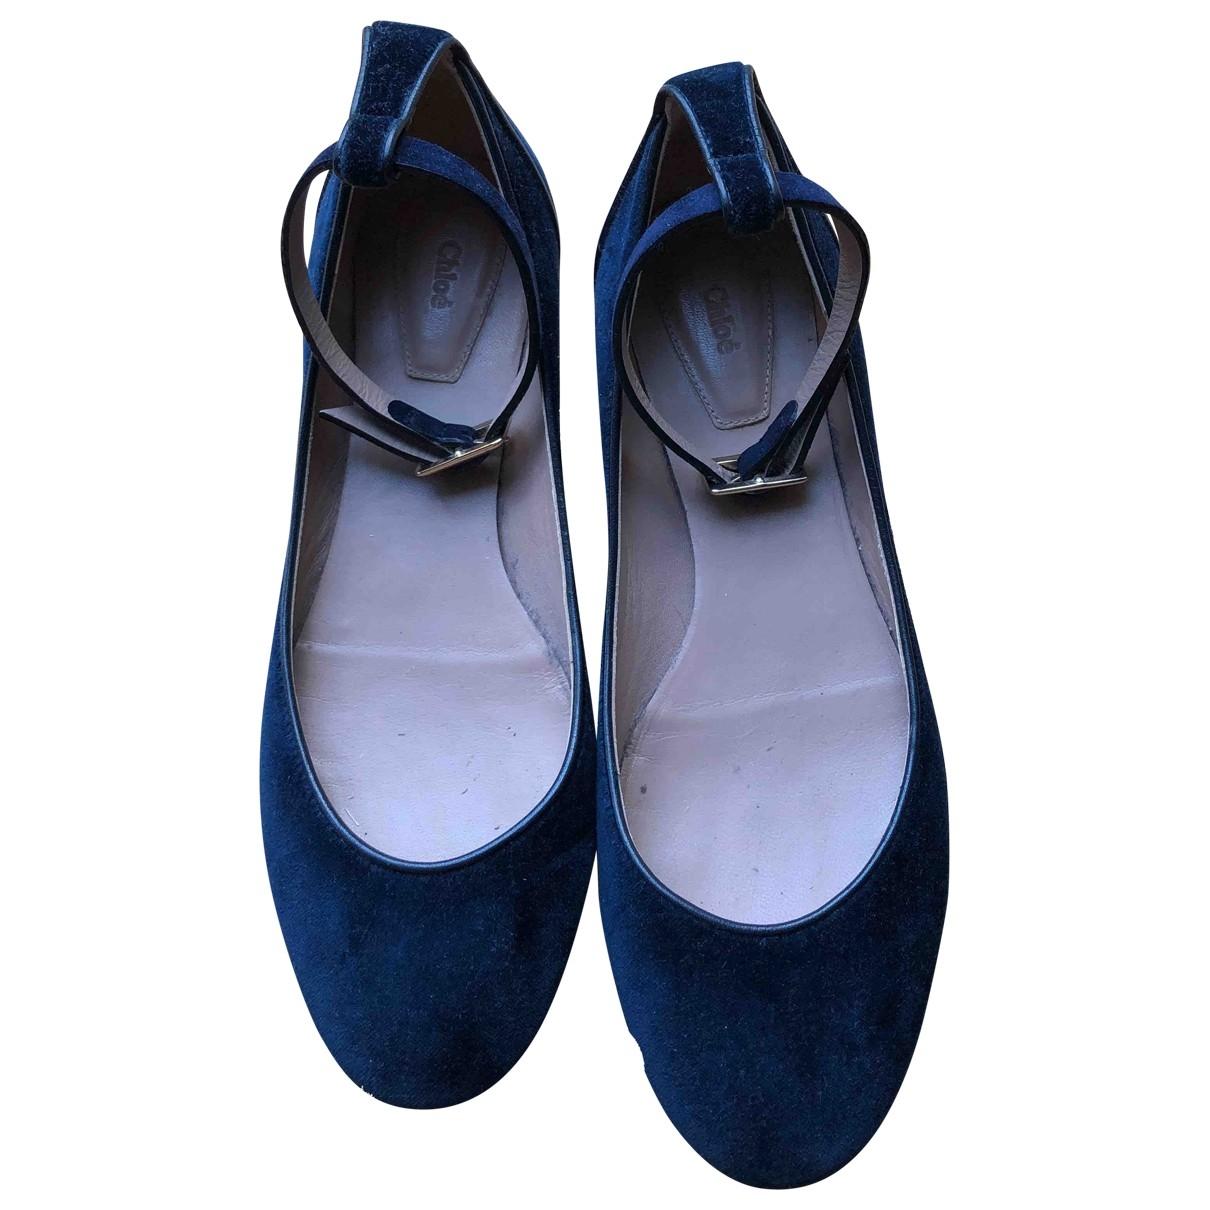 Chloe \N Ballerinas in  Blau Samt